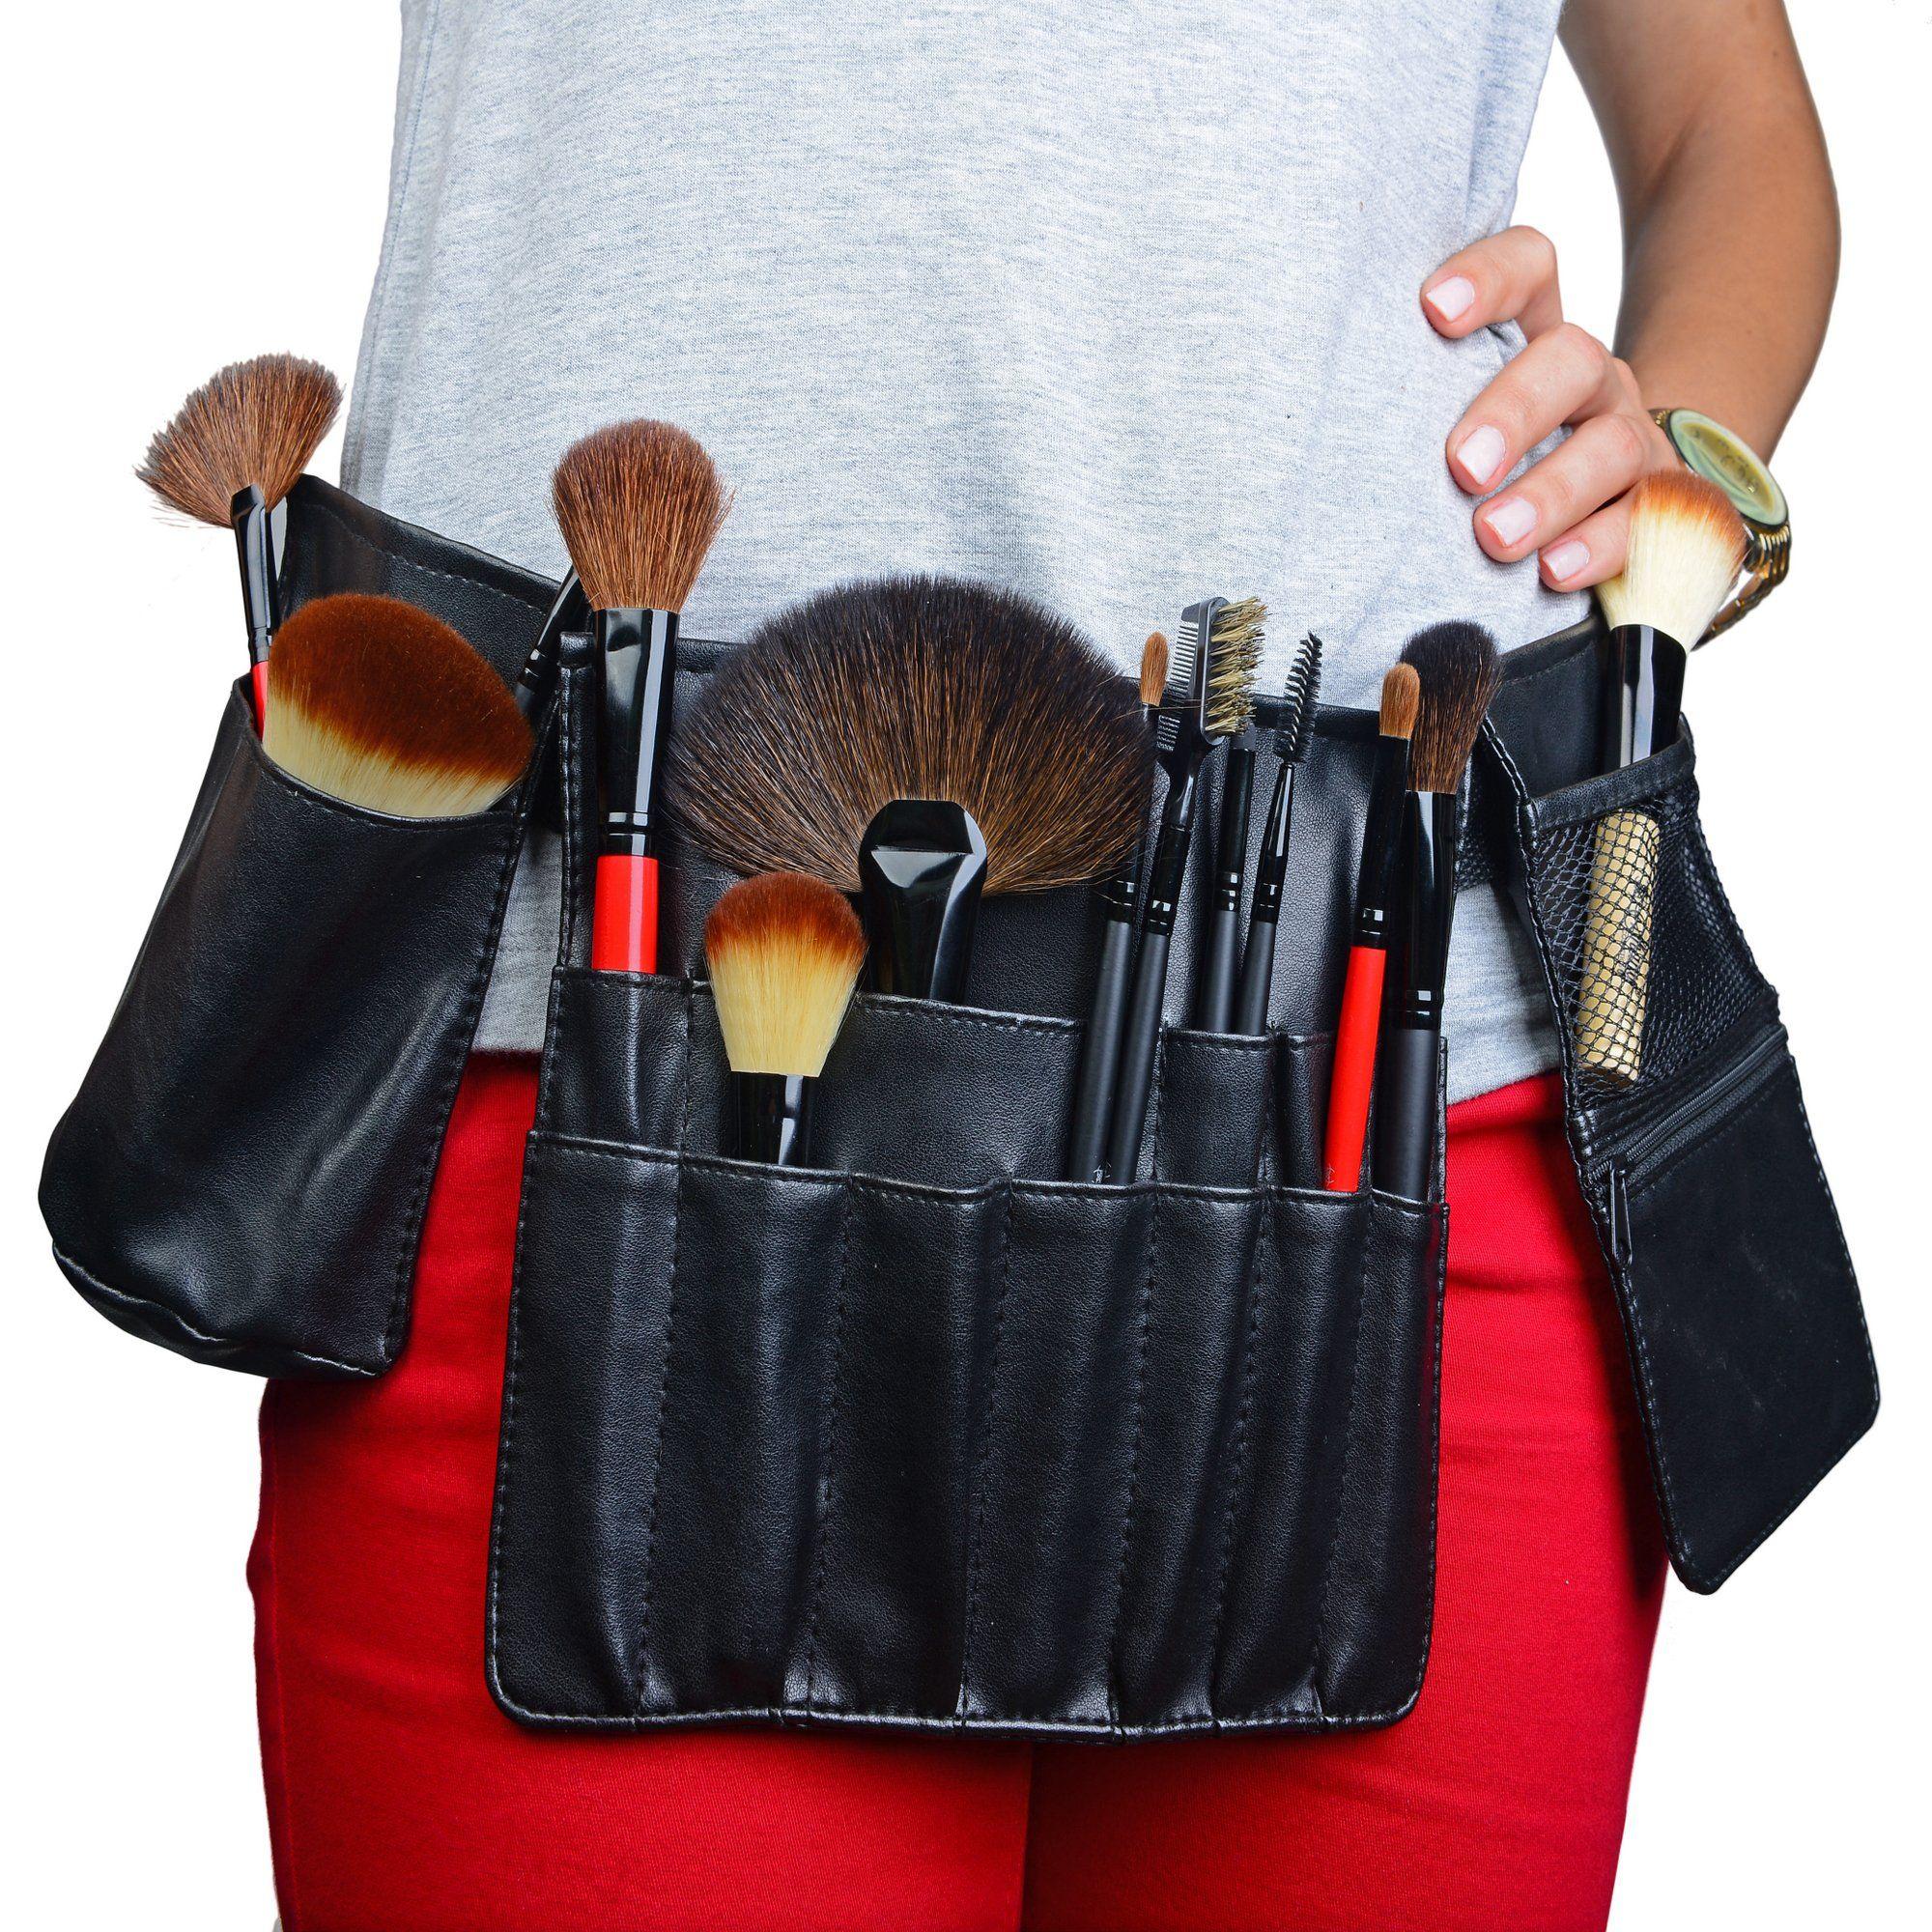 Amazon Com Shany Cosmetics Professional Vinyl Makeup Apron With Makeup Artist Brush Belt Light Weight 8 Ou Makeup Brushes Makeup Tools Products Makeup Tools